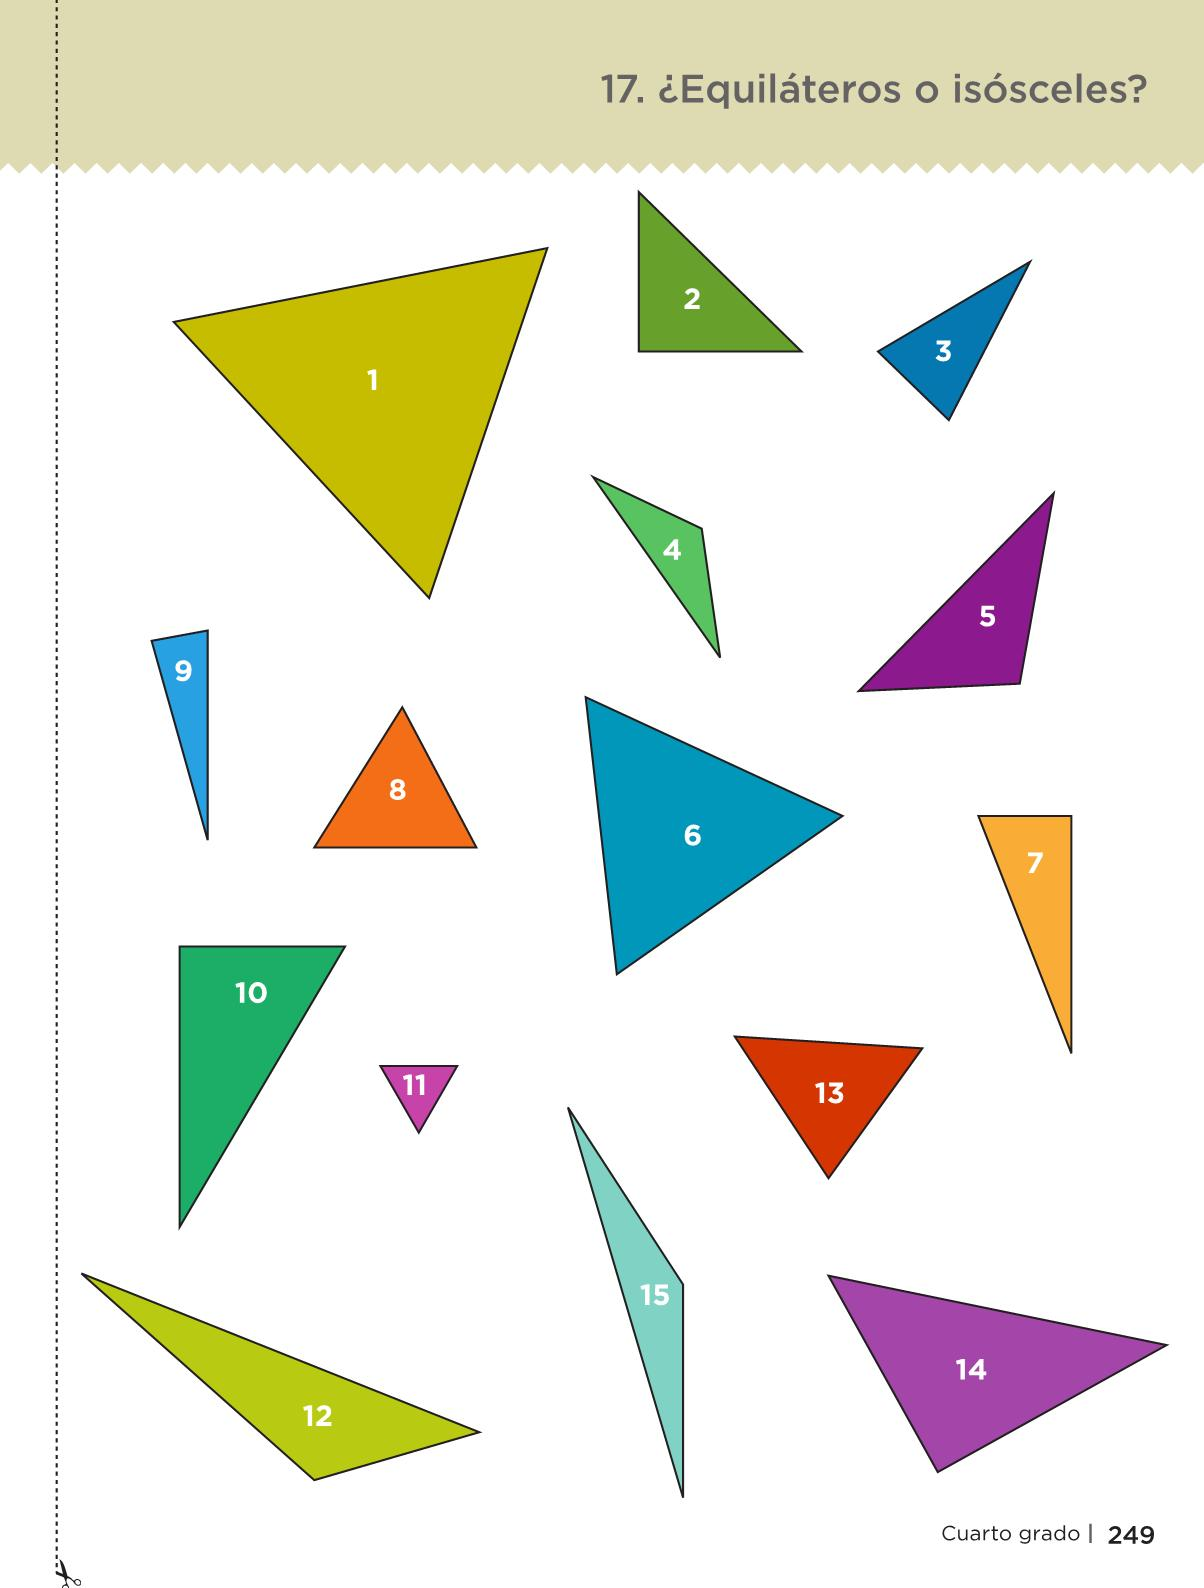 Desafios Matematicos 4 Grado Pdf : desafios, matematicos, grado, Desafíos, Matemáticos, Libro, Alumno, Cuarto, Grado, 2016-2017, Online, Página, Libros, Texto